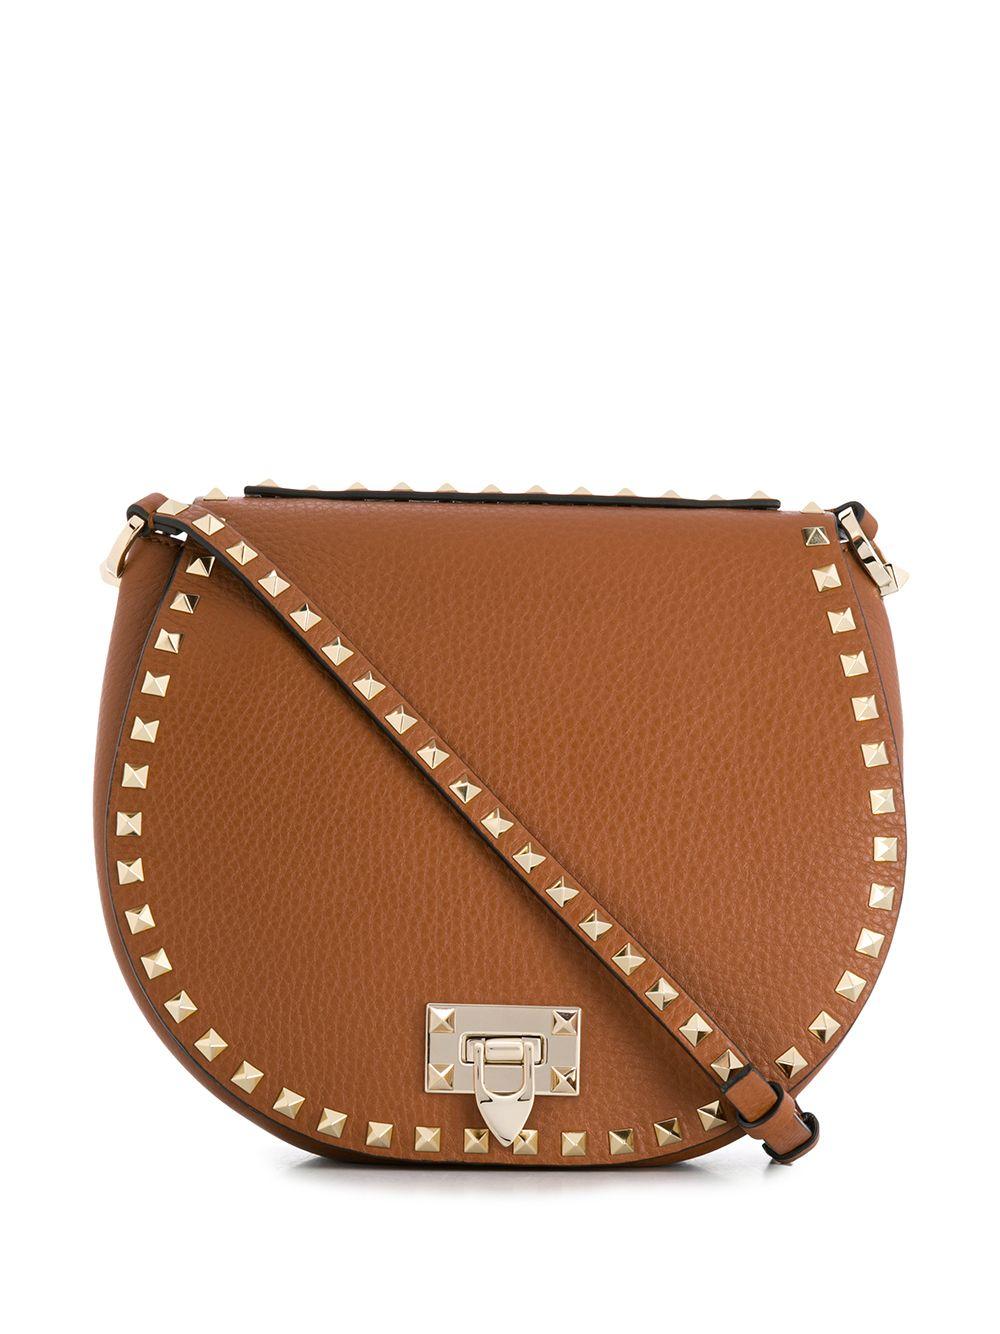 Rockstud Leather Saddle Bag